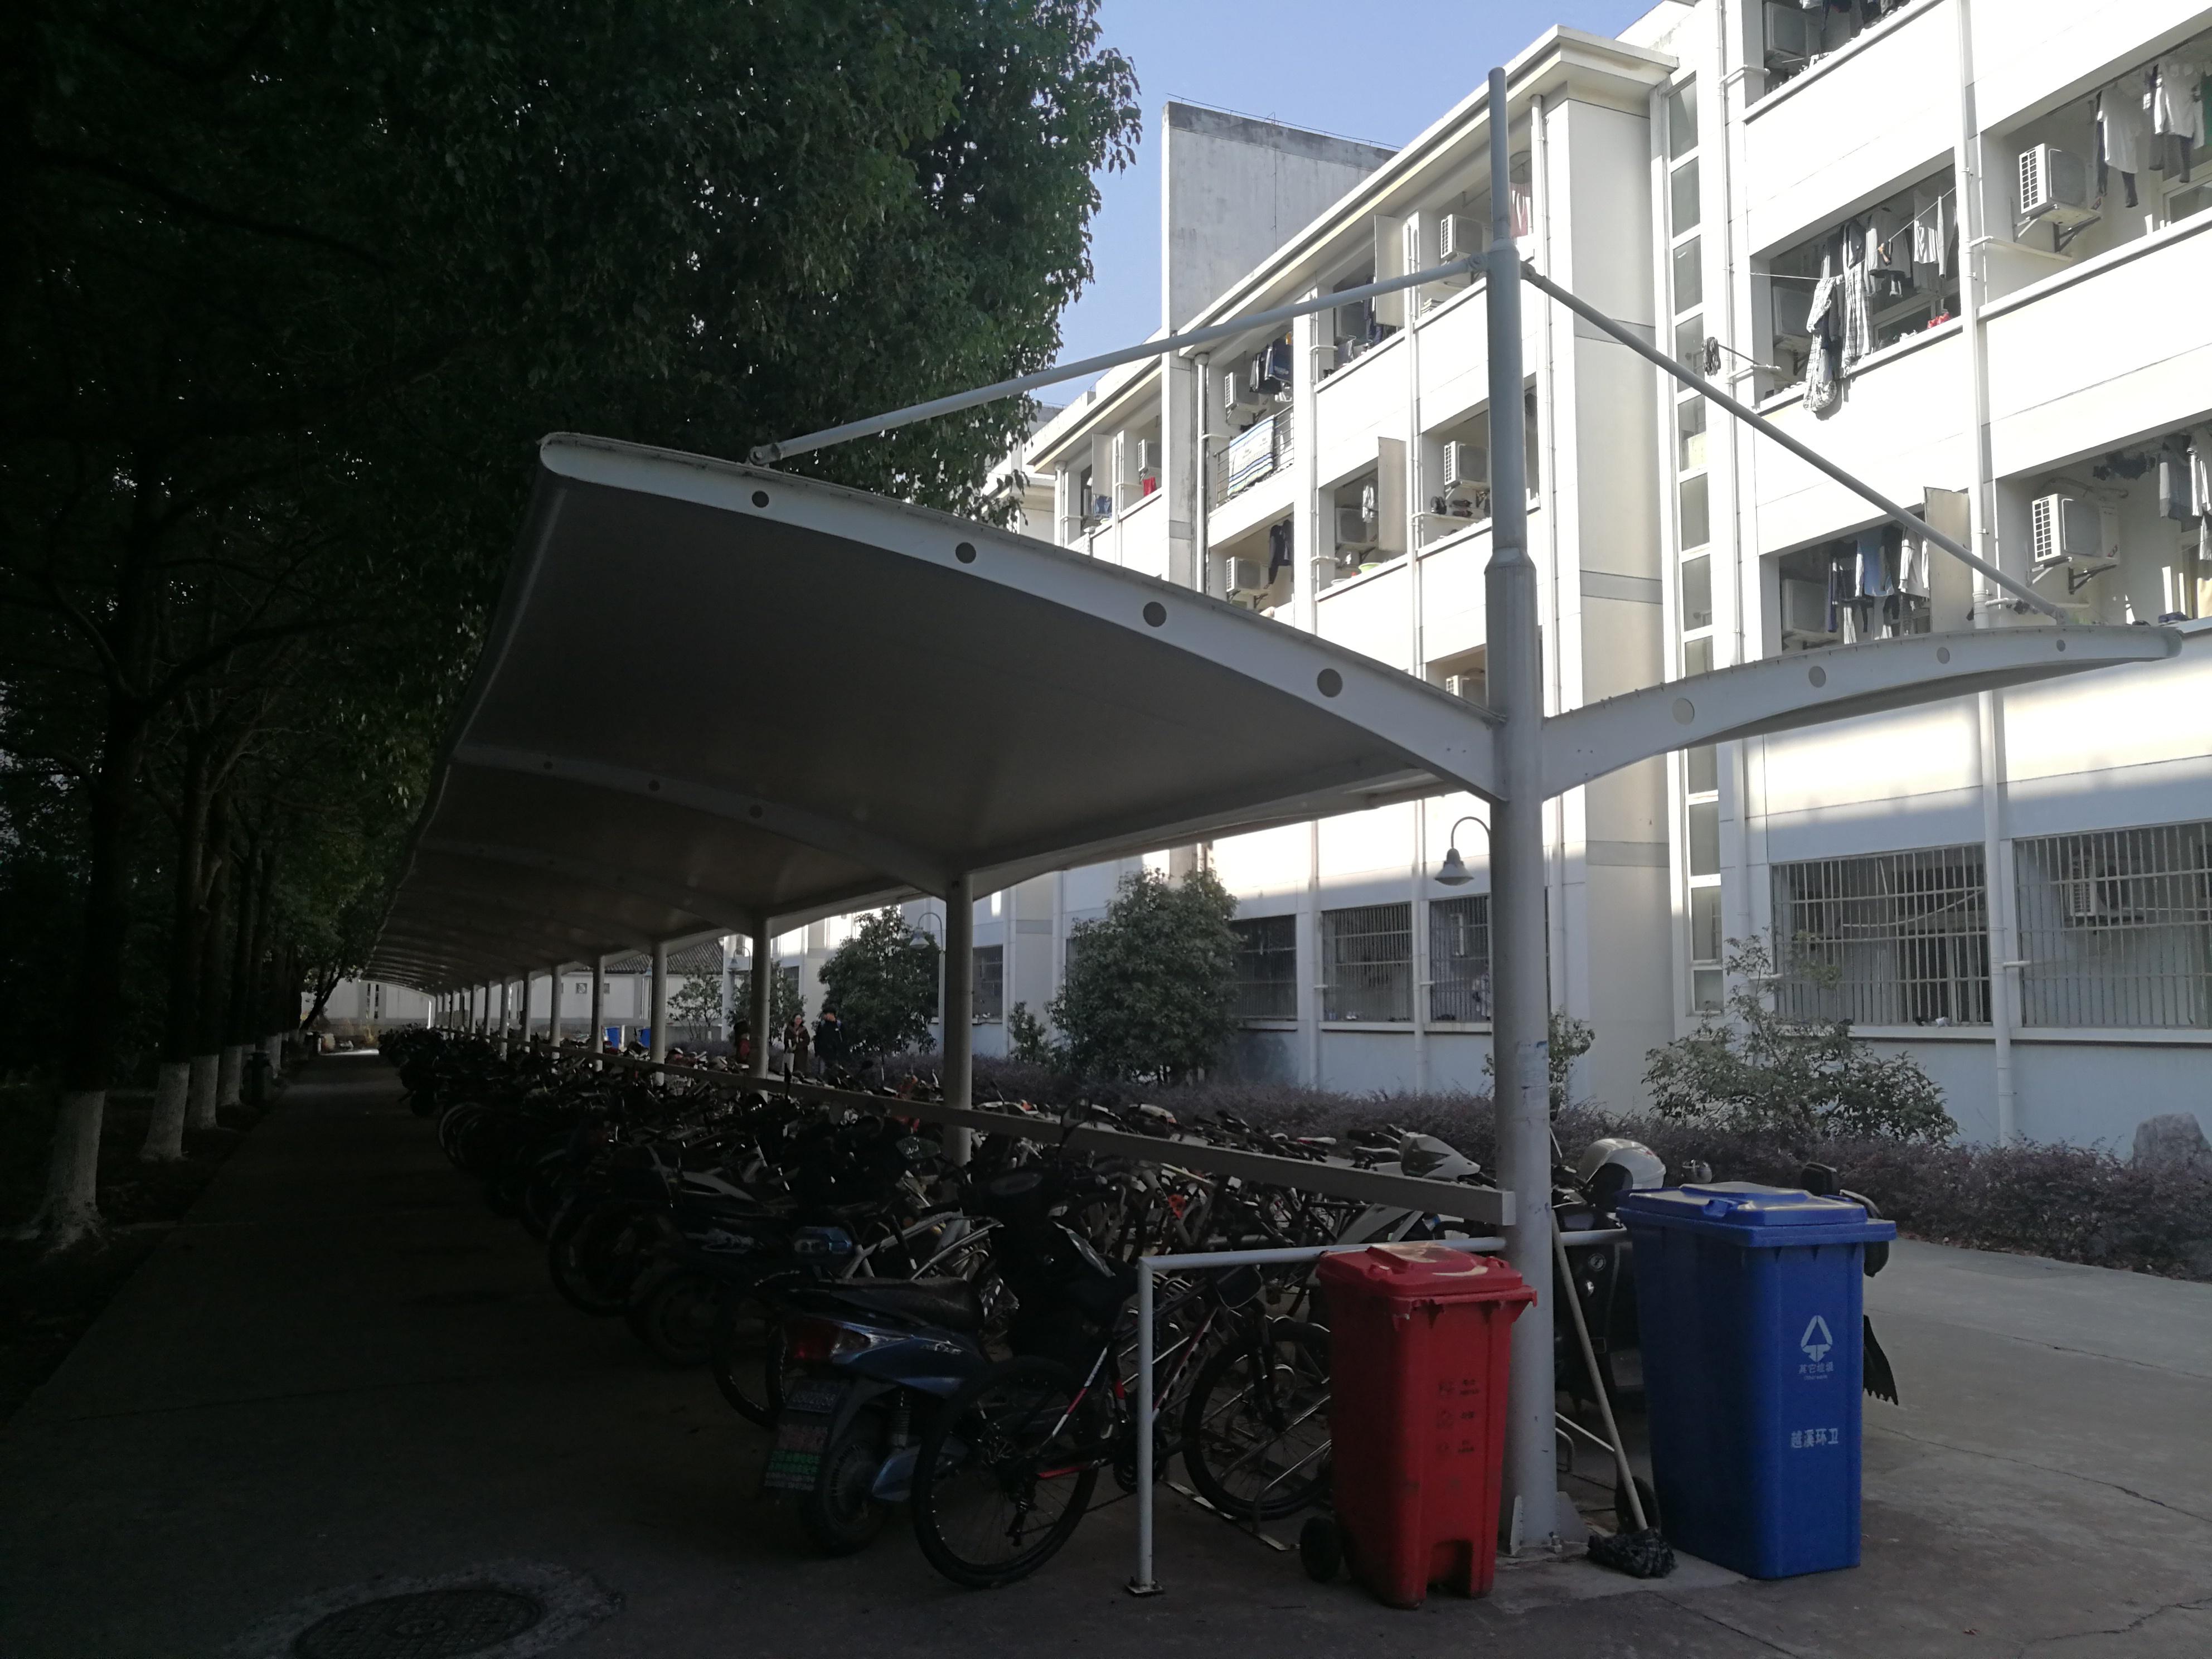 苏州工业学院 自行车棚 自行车停车棚产品演示图4